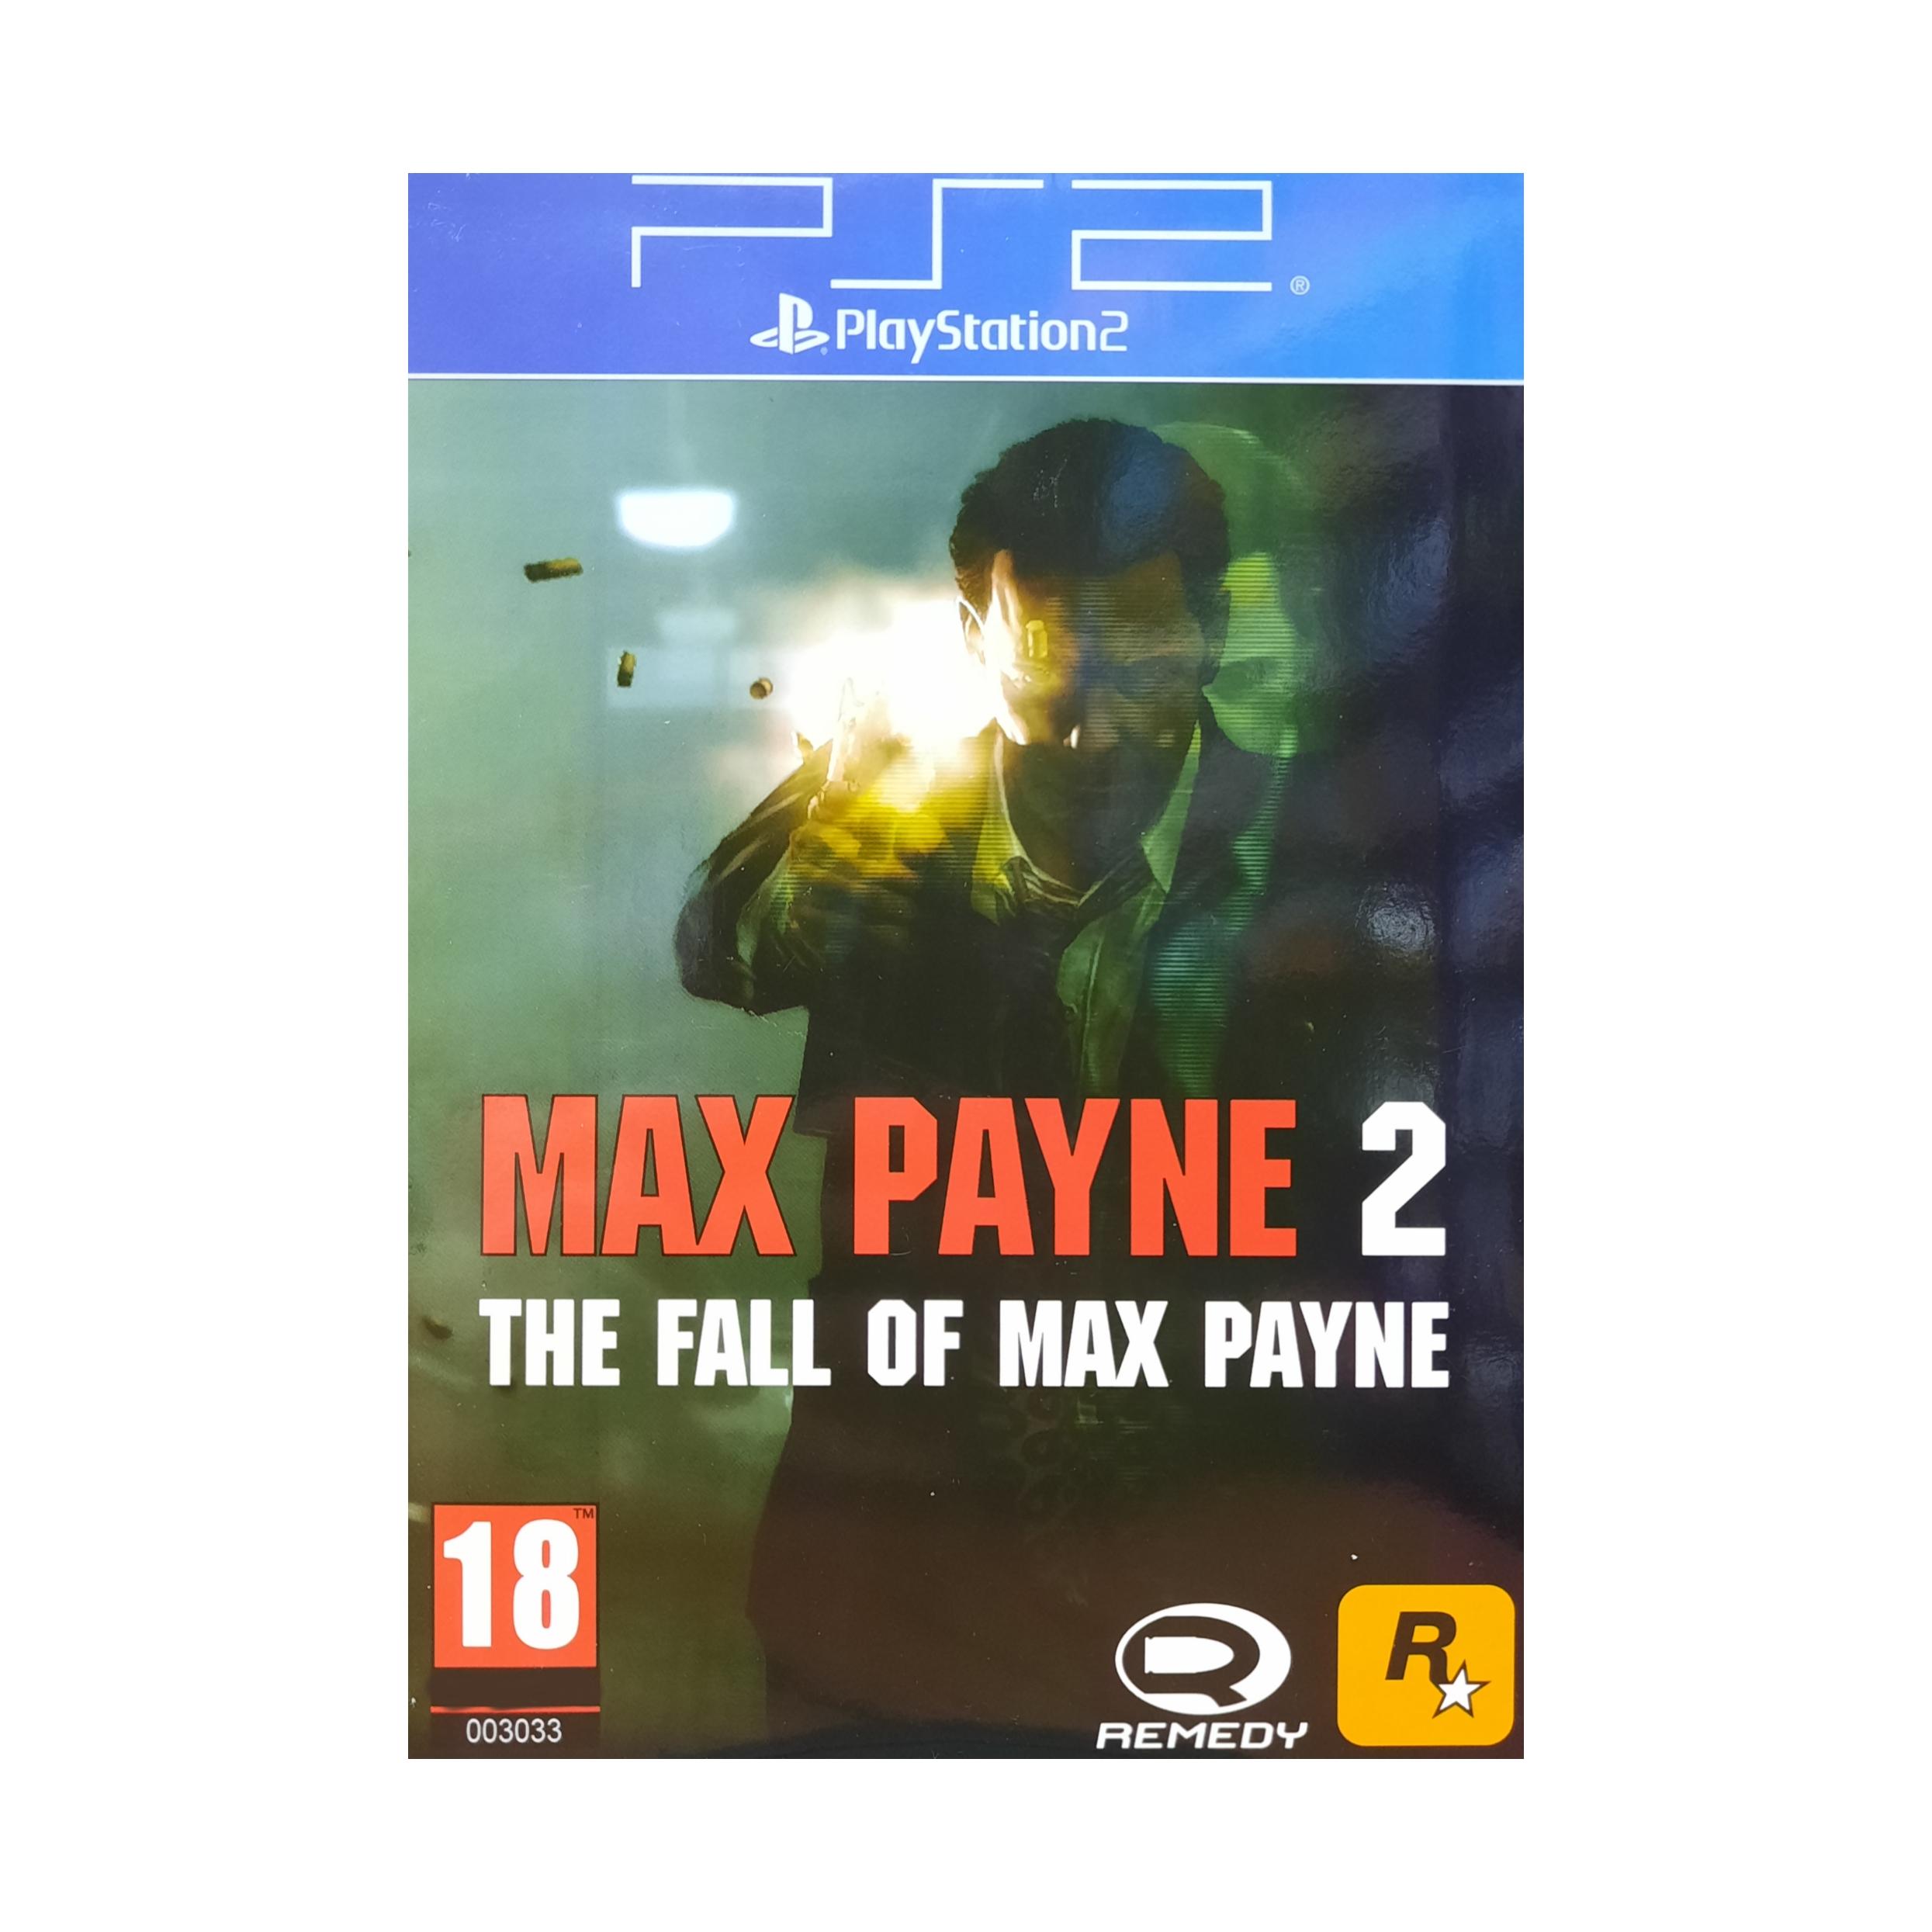 بازی Max Payne 2 مخصوص ps2